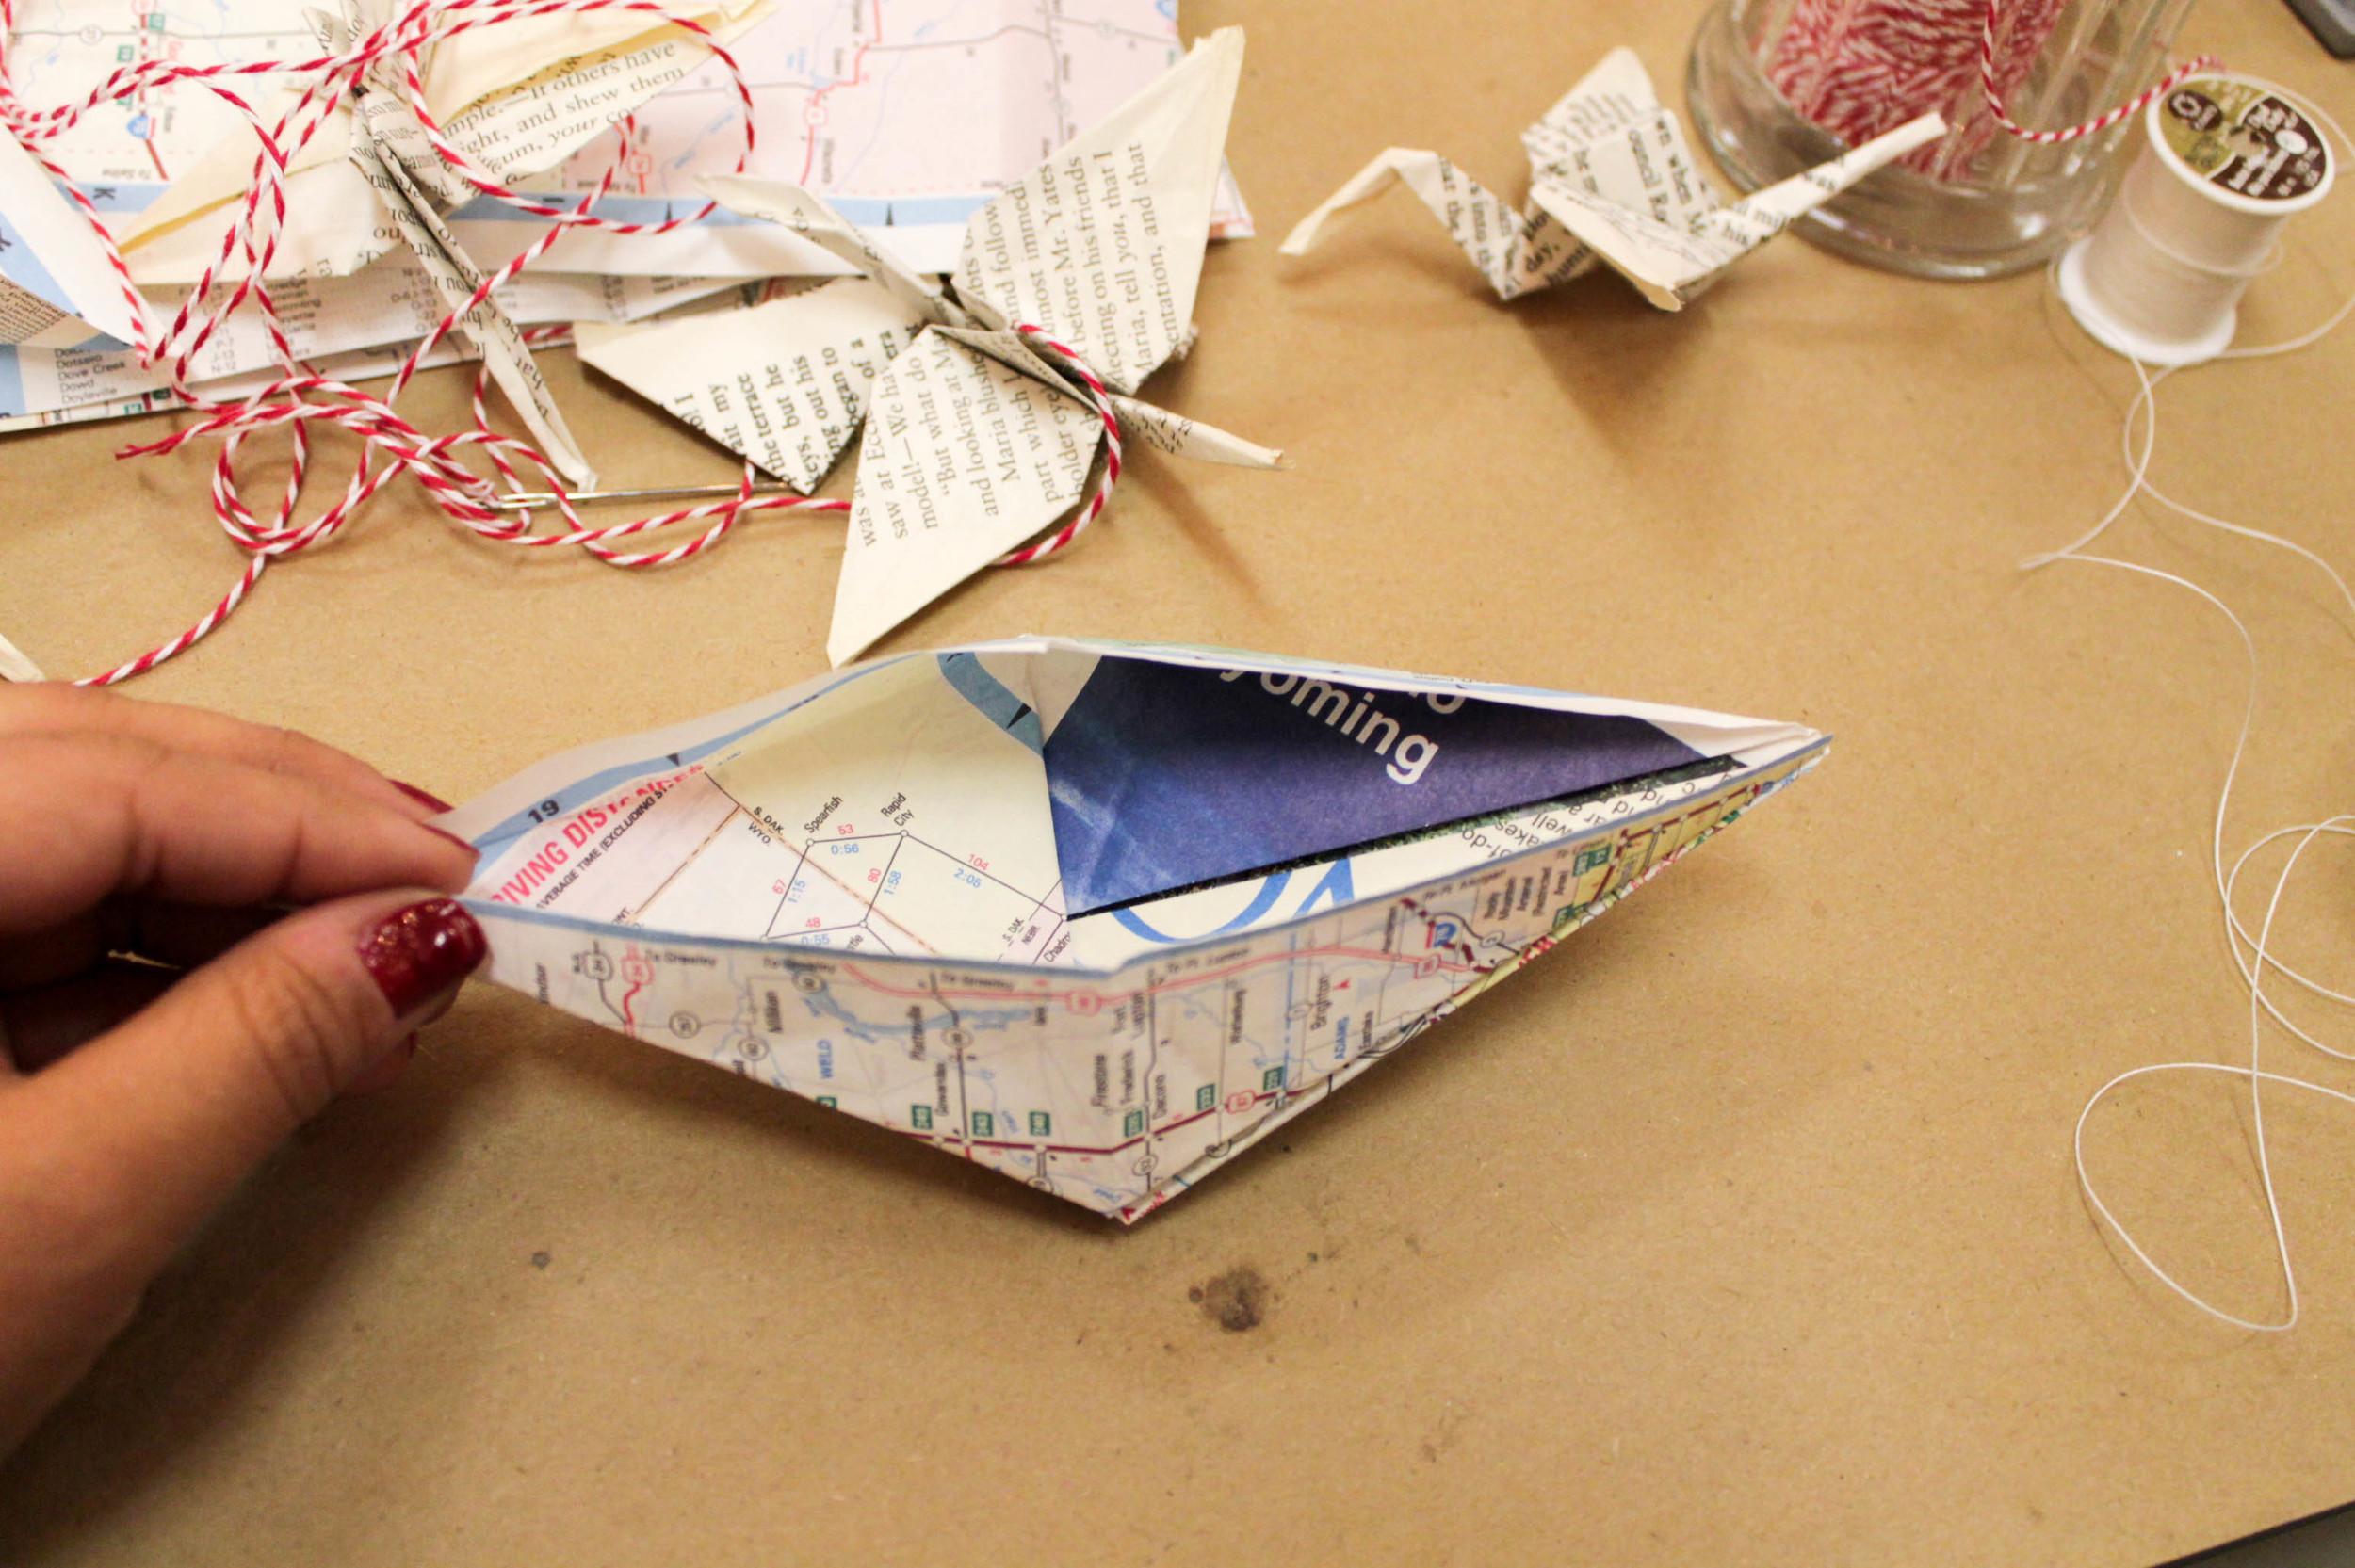 paper-cranes-etxe-13.jpg